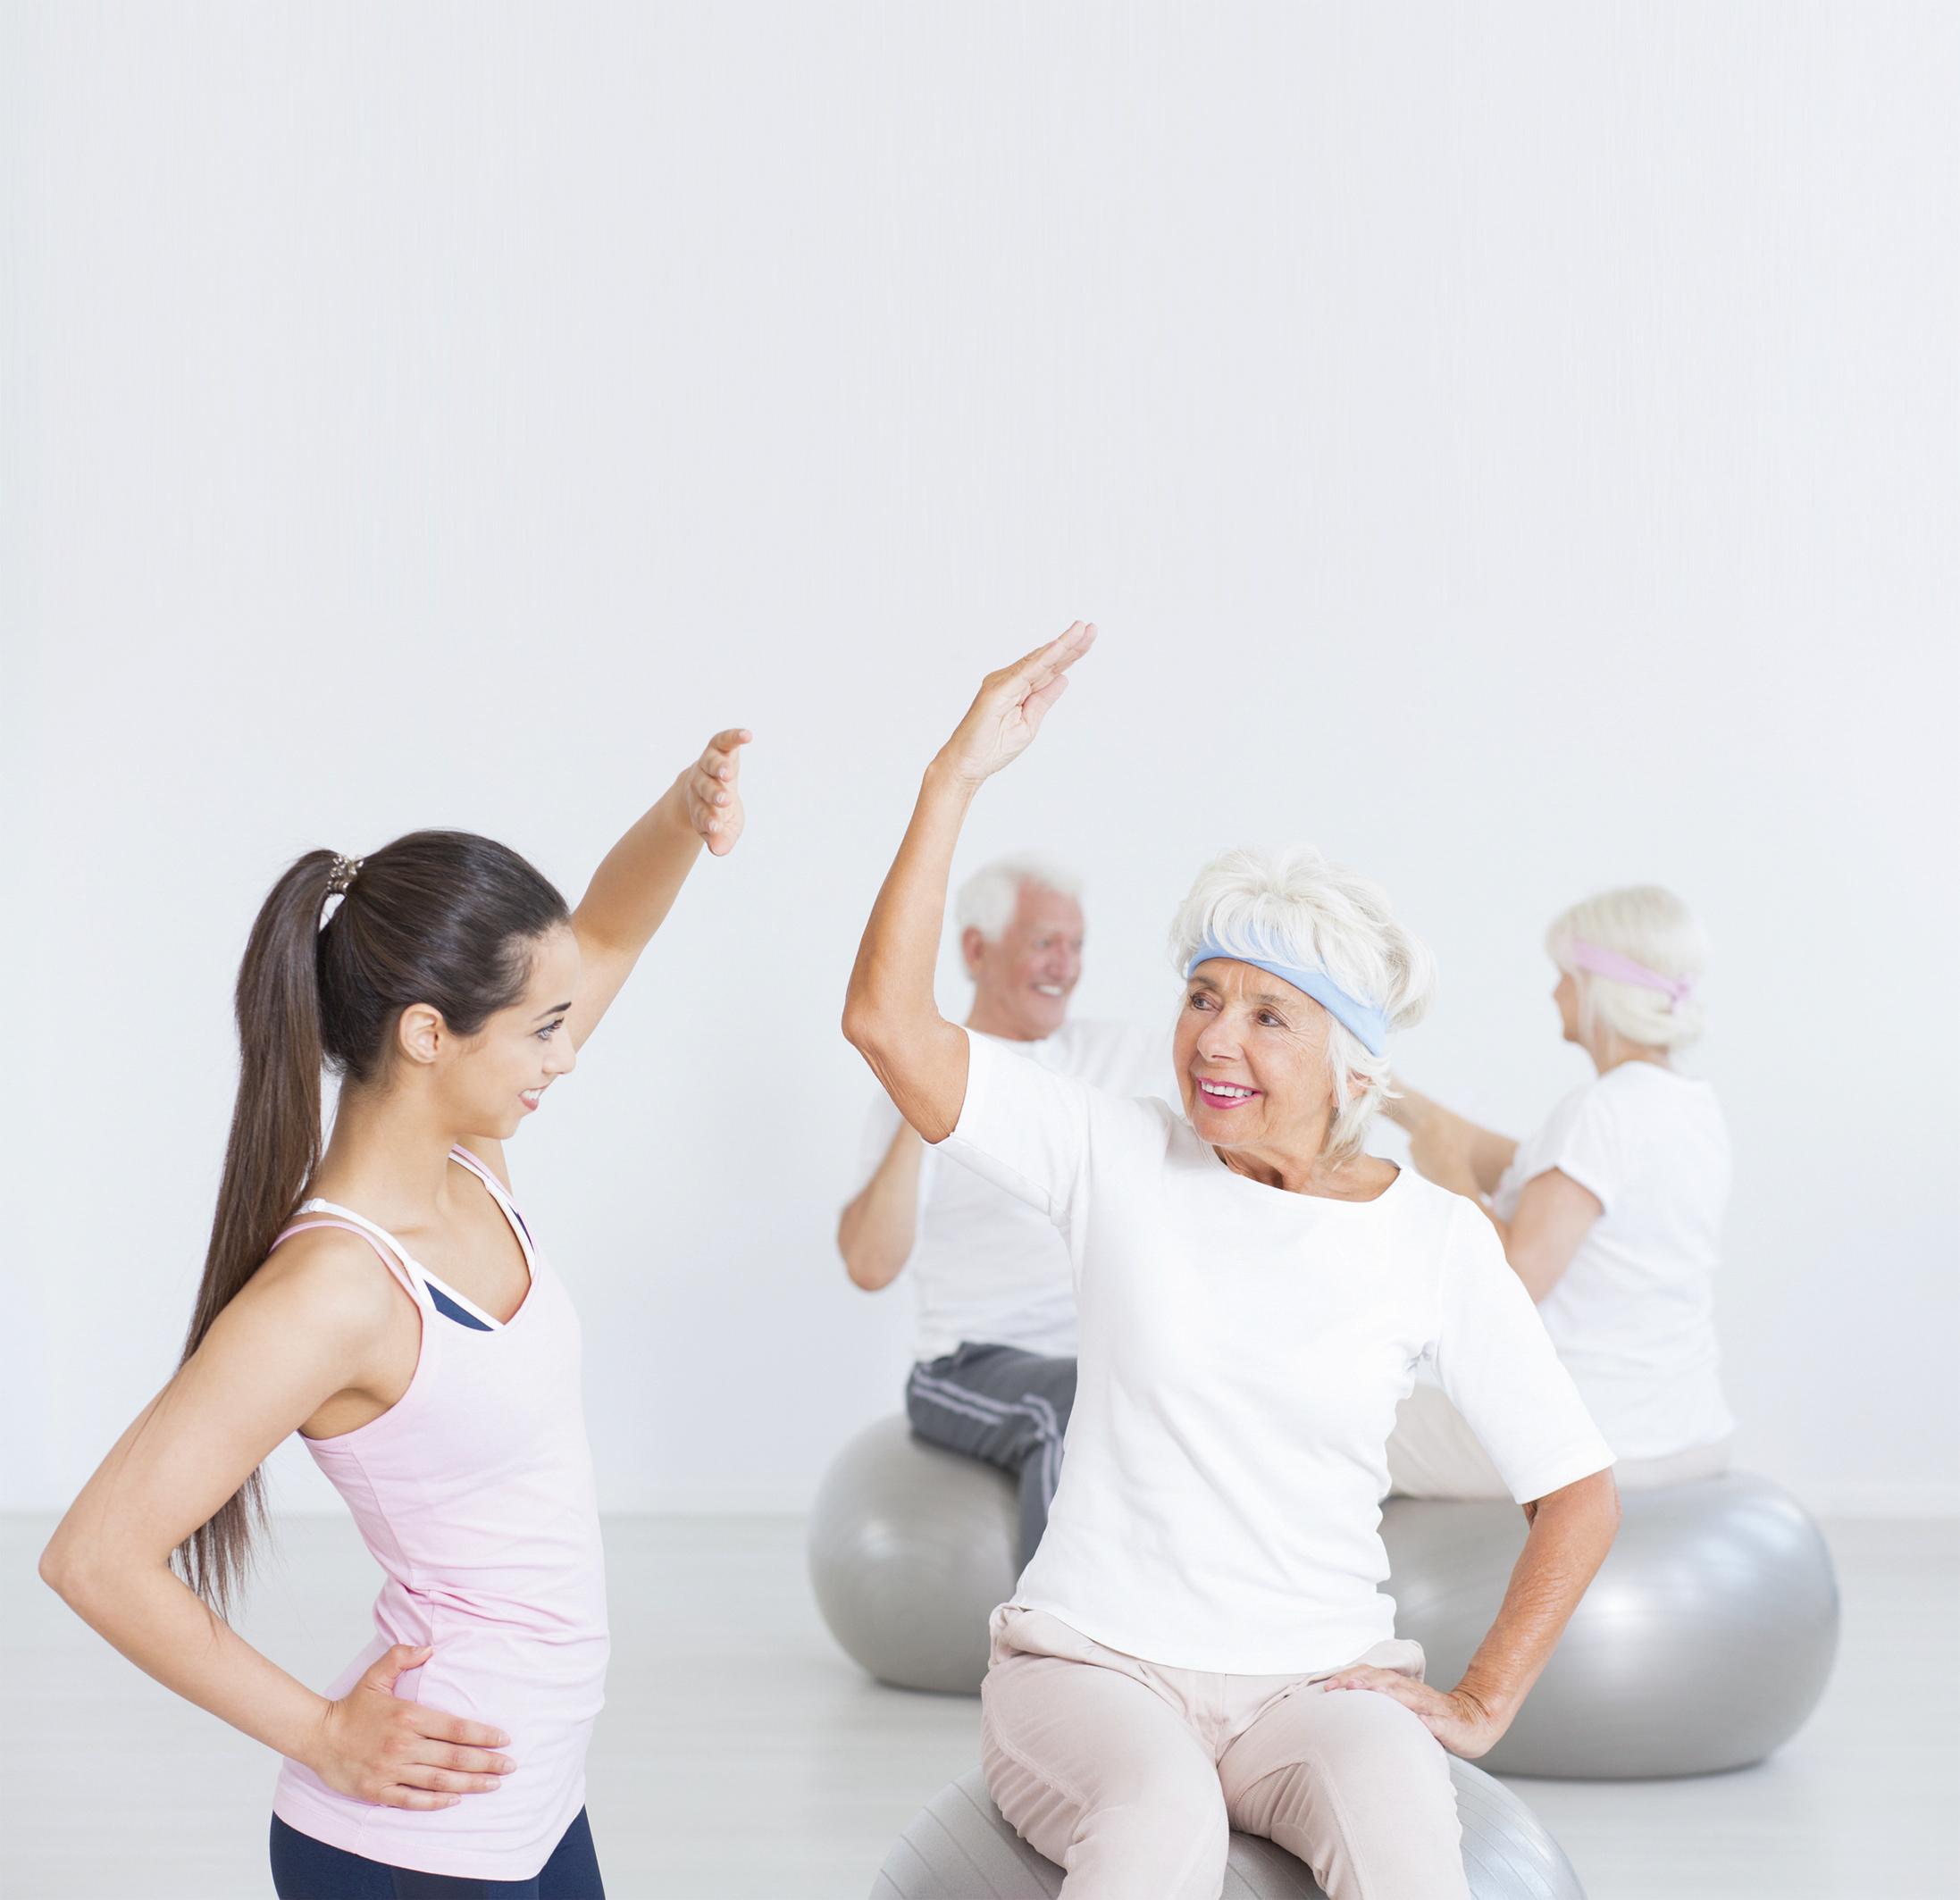 老人要自強 多多運動•不當病老人